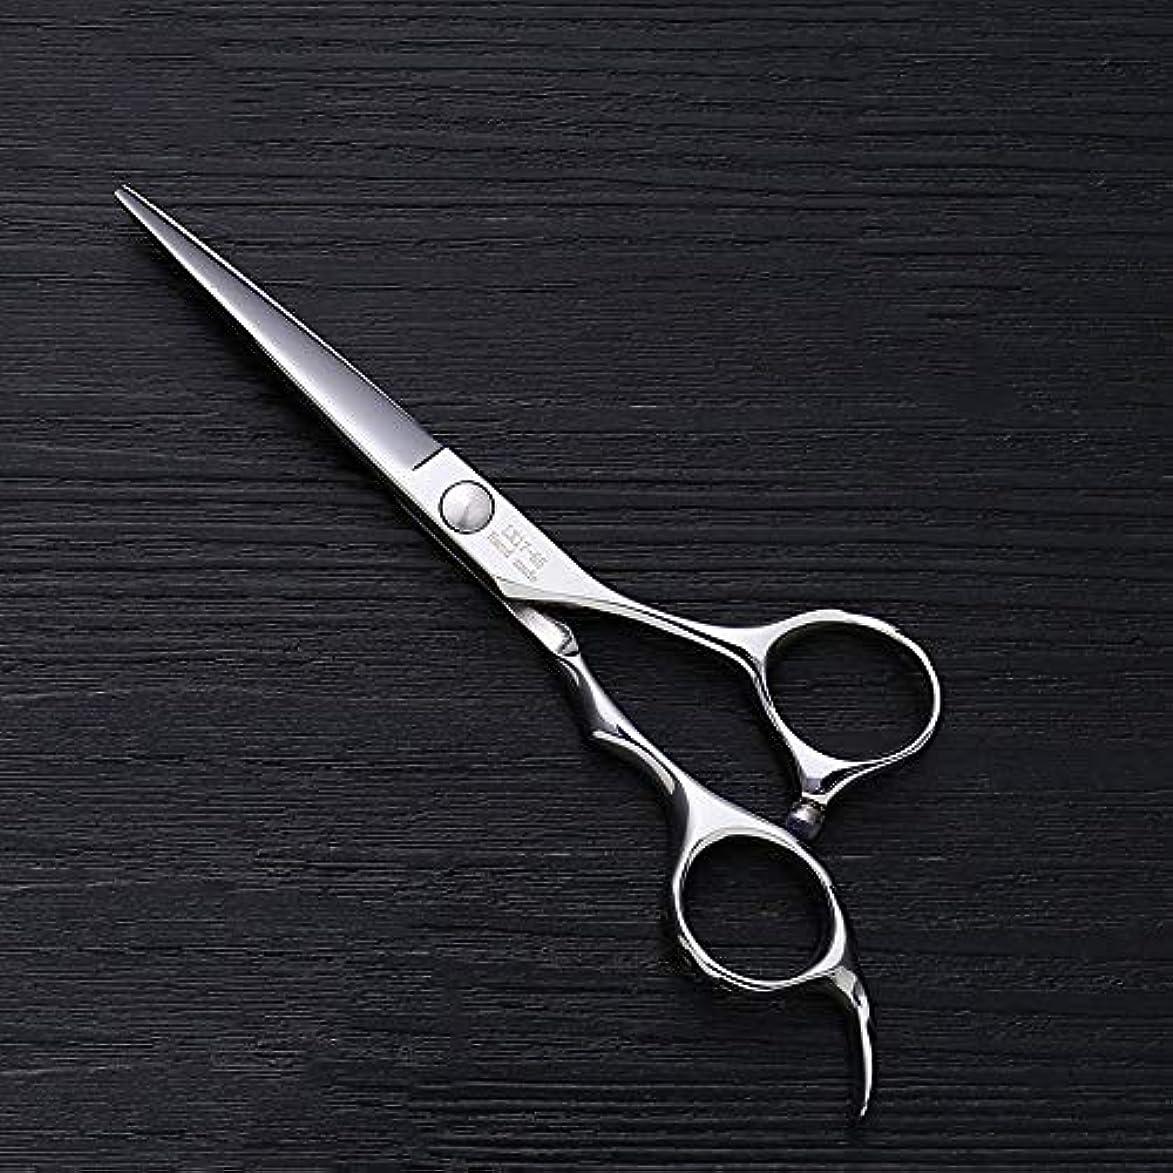 スキニーさまよう強制理髪用はさみ 5.5インチの理髪師の専門のヘアカットの平らなせん断の良質の専門の理髪用具の毛の切断はさみのステンレス製の理髪師のはさみ (色 : Silver)